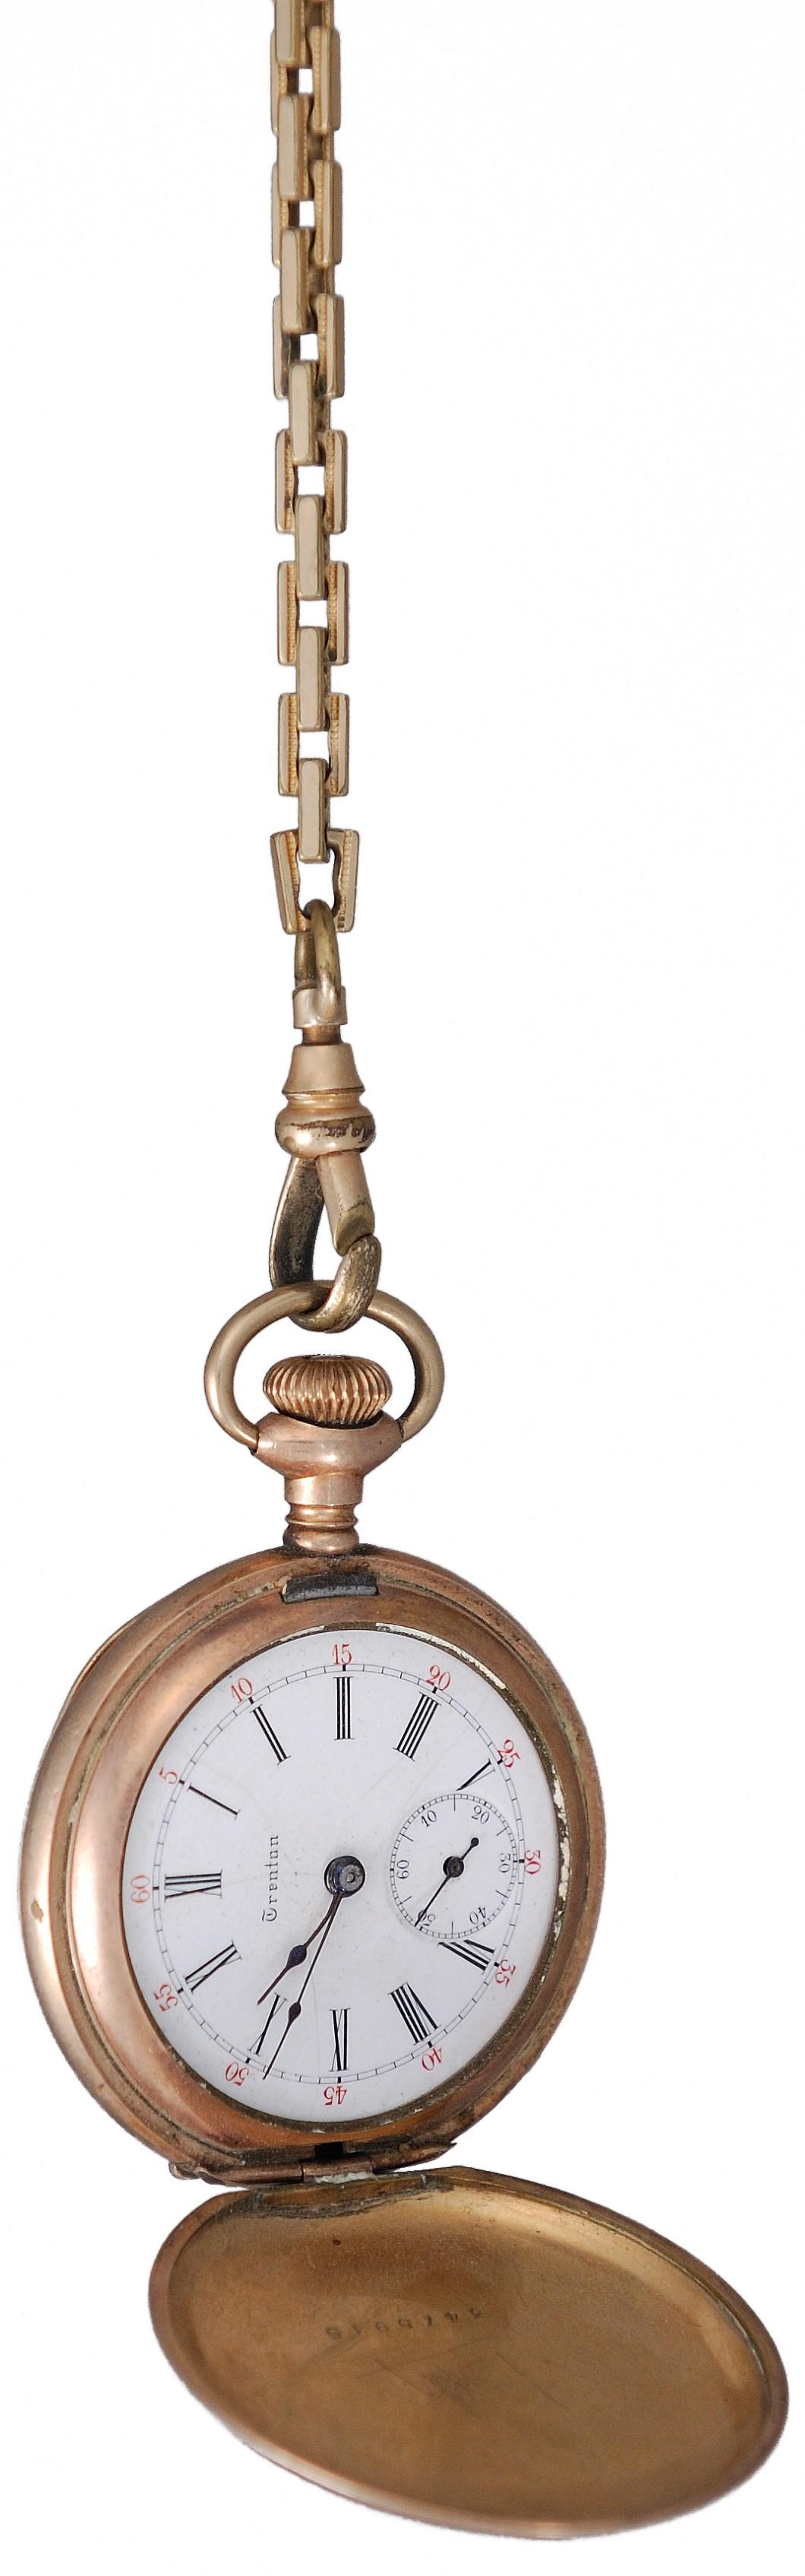 Foto gratis de un reloj antiguo con cadena